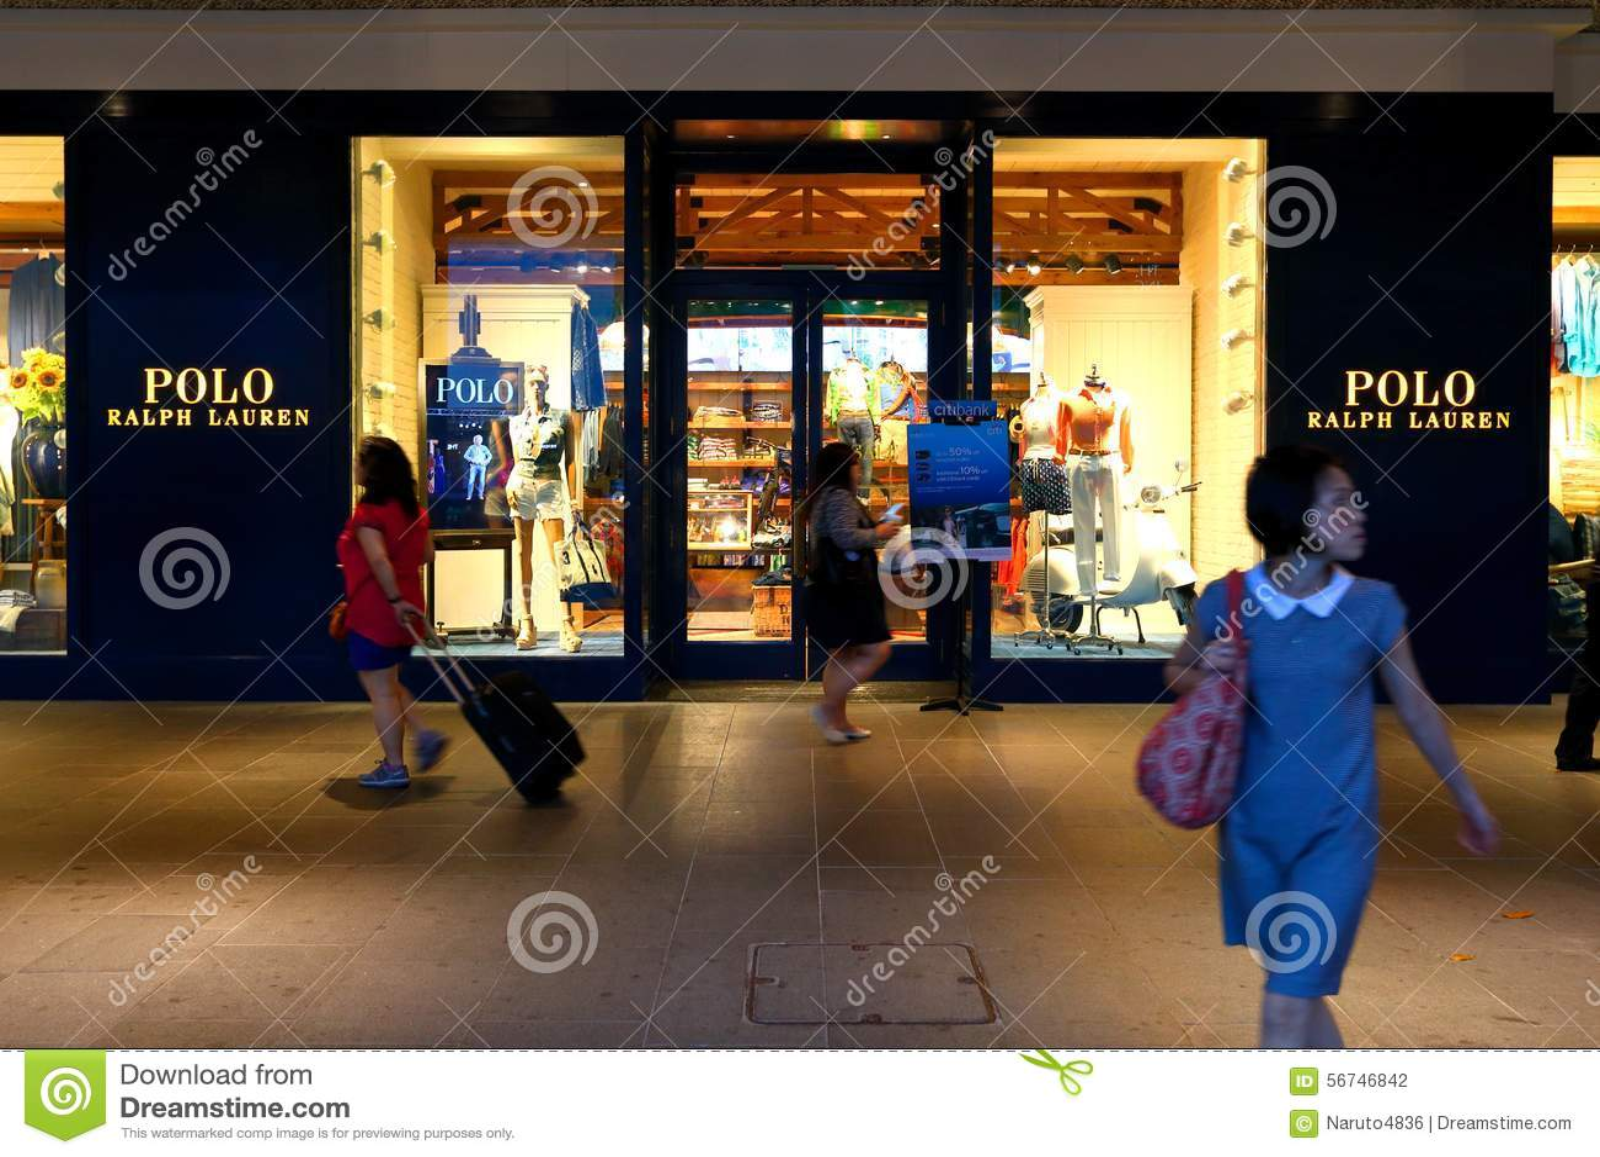 ralph lauren retailers ralplauren